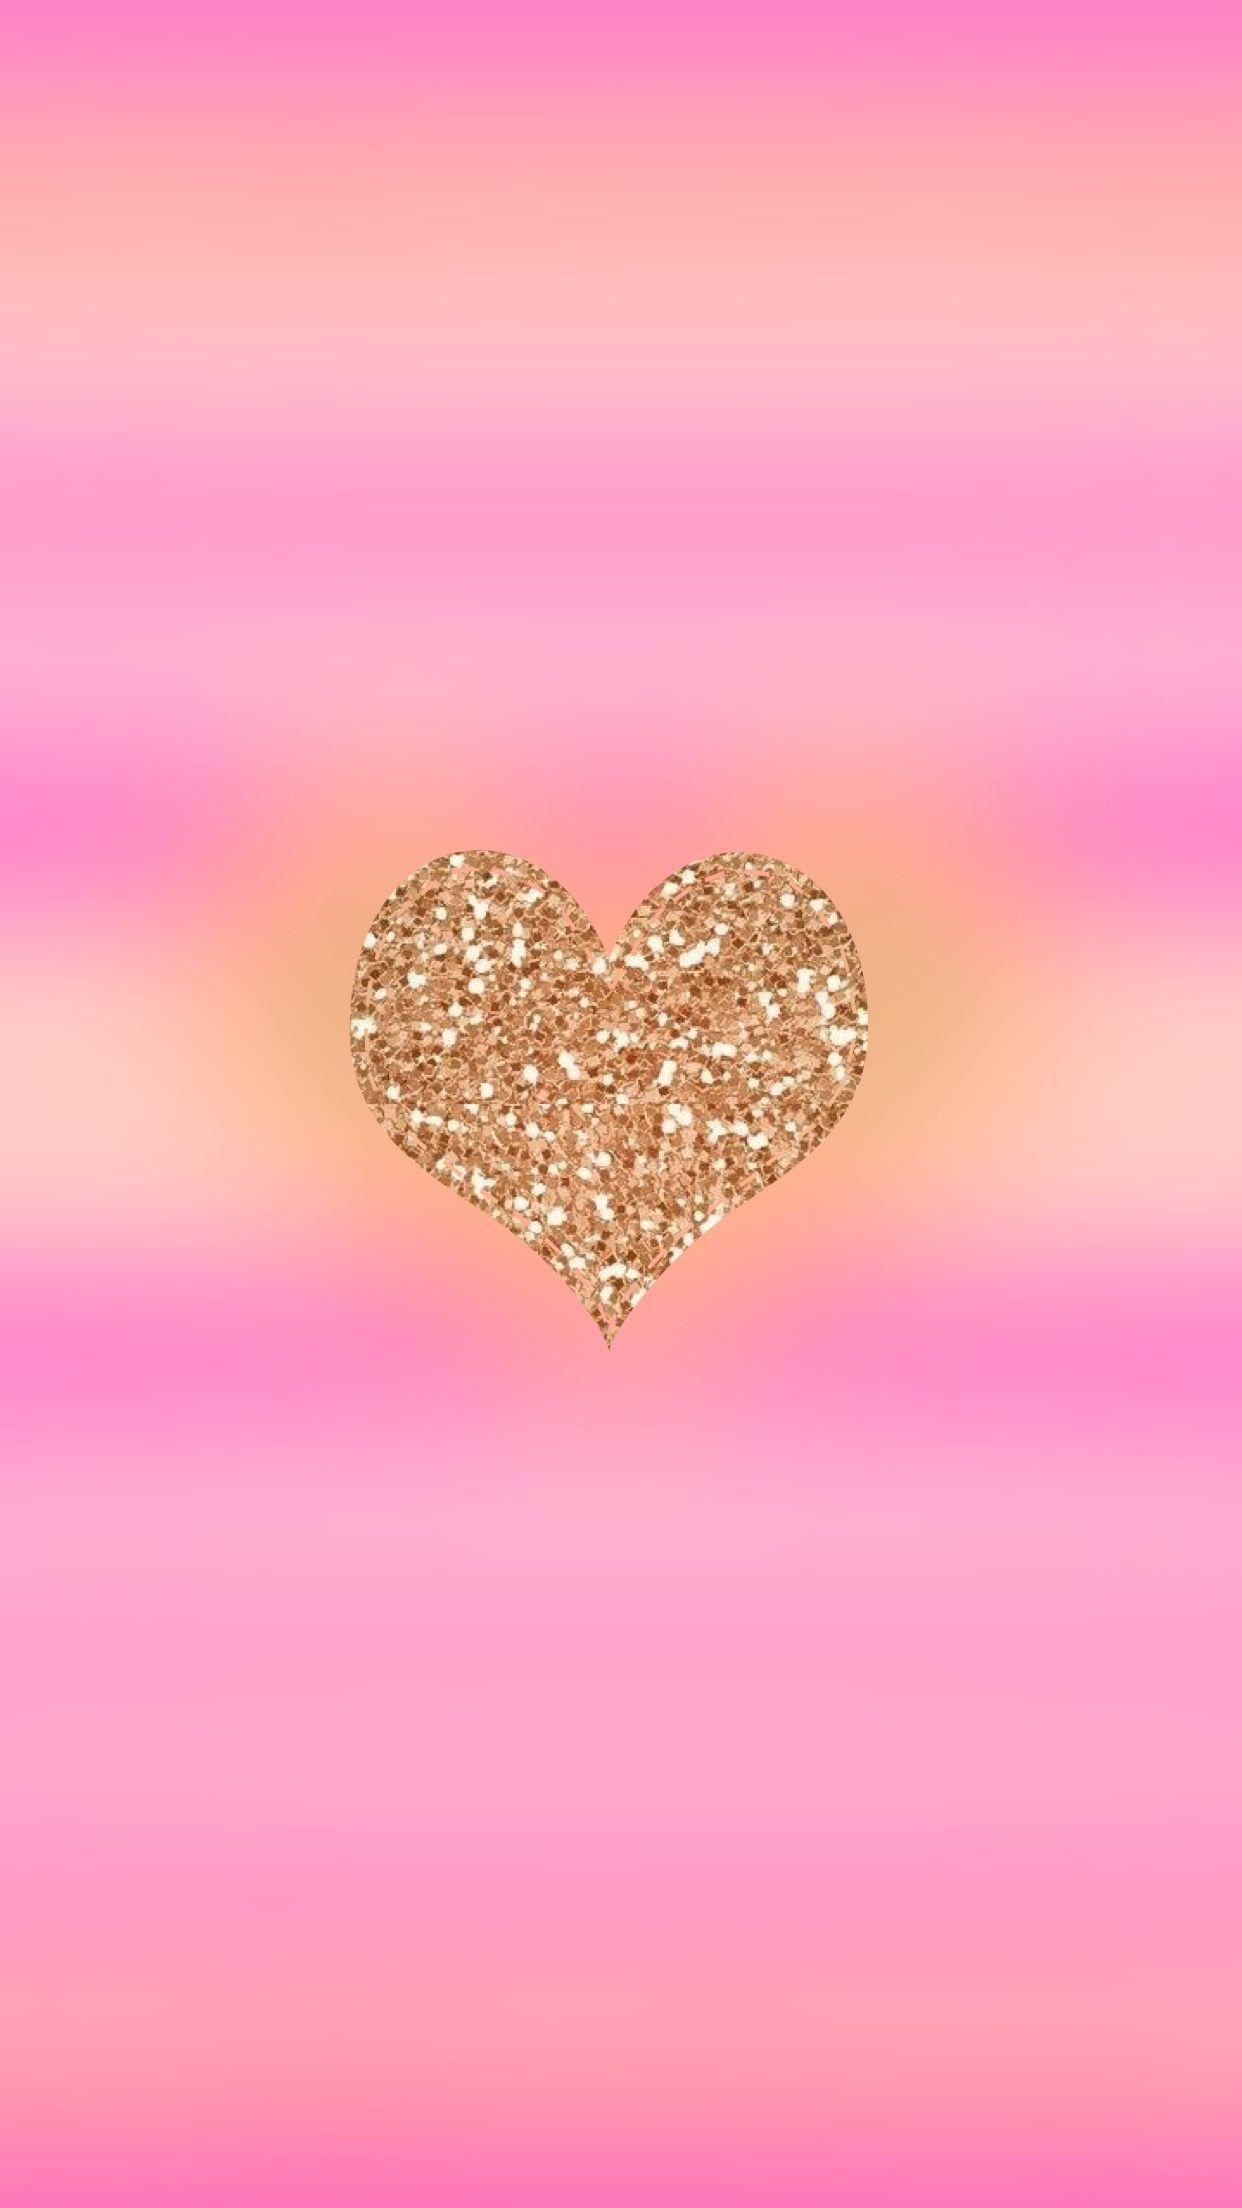 Glitter Heart Heart Iphone Wallpaper Pink Glitter Wallpaper Iphone Wallpaper Glitter